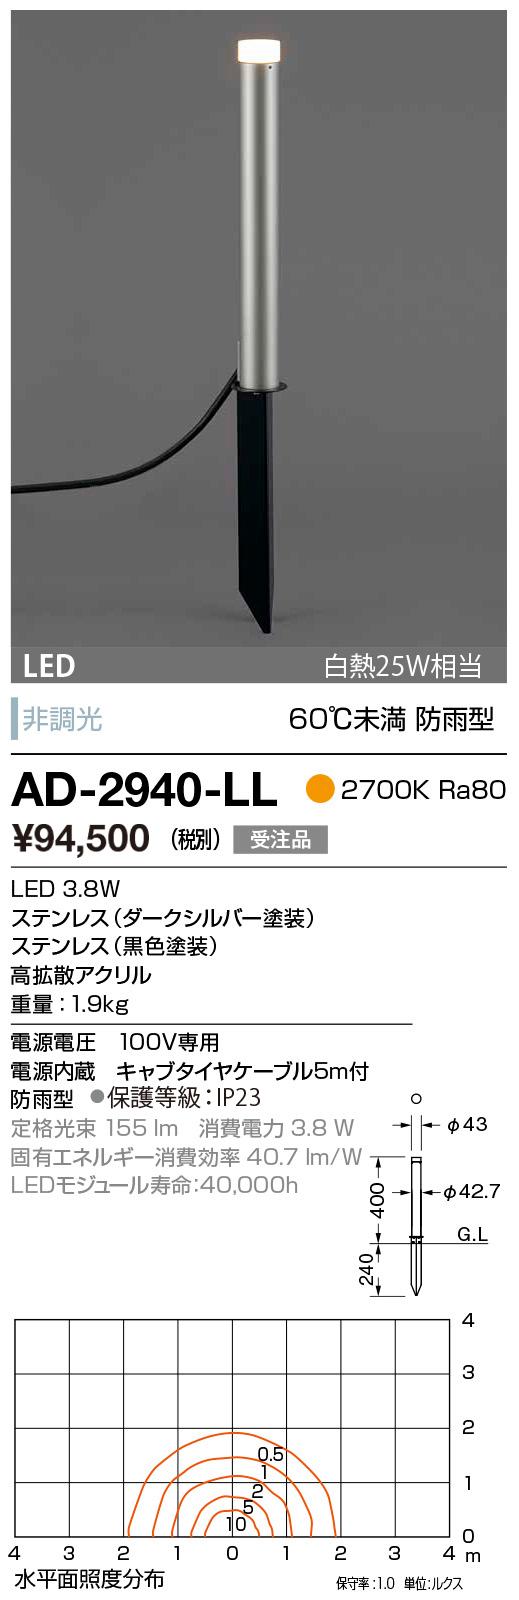 AD-2940-LL 山田照明 照明器具 エクステリア LED一体型スーパースリムガーデンライト 拡散配光 電球色 白熱25W相当 非調光 60℃未満 防雨型 AD-2940-LL